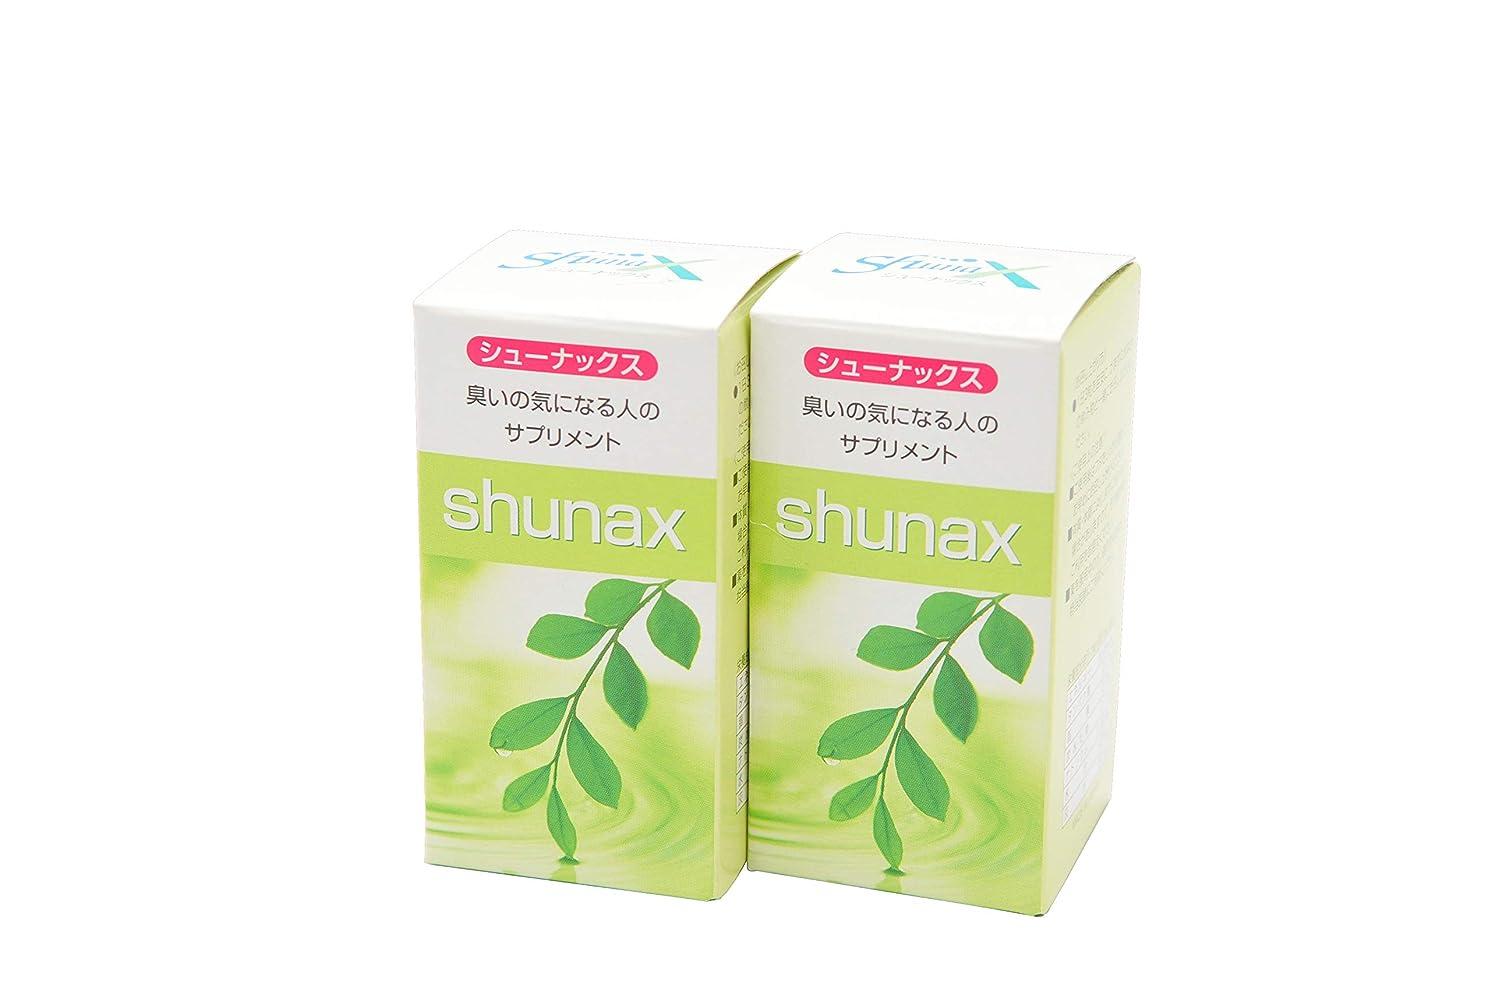 四半期達成可決シューナックス 2個セット 口臭、体臭、加齢臭対策の消臭サプリメント。エチケット?デート?介護時のニオイに。【shunax】1箱30日分x2個セット